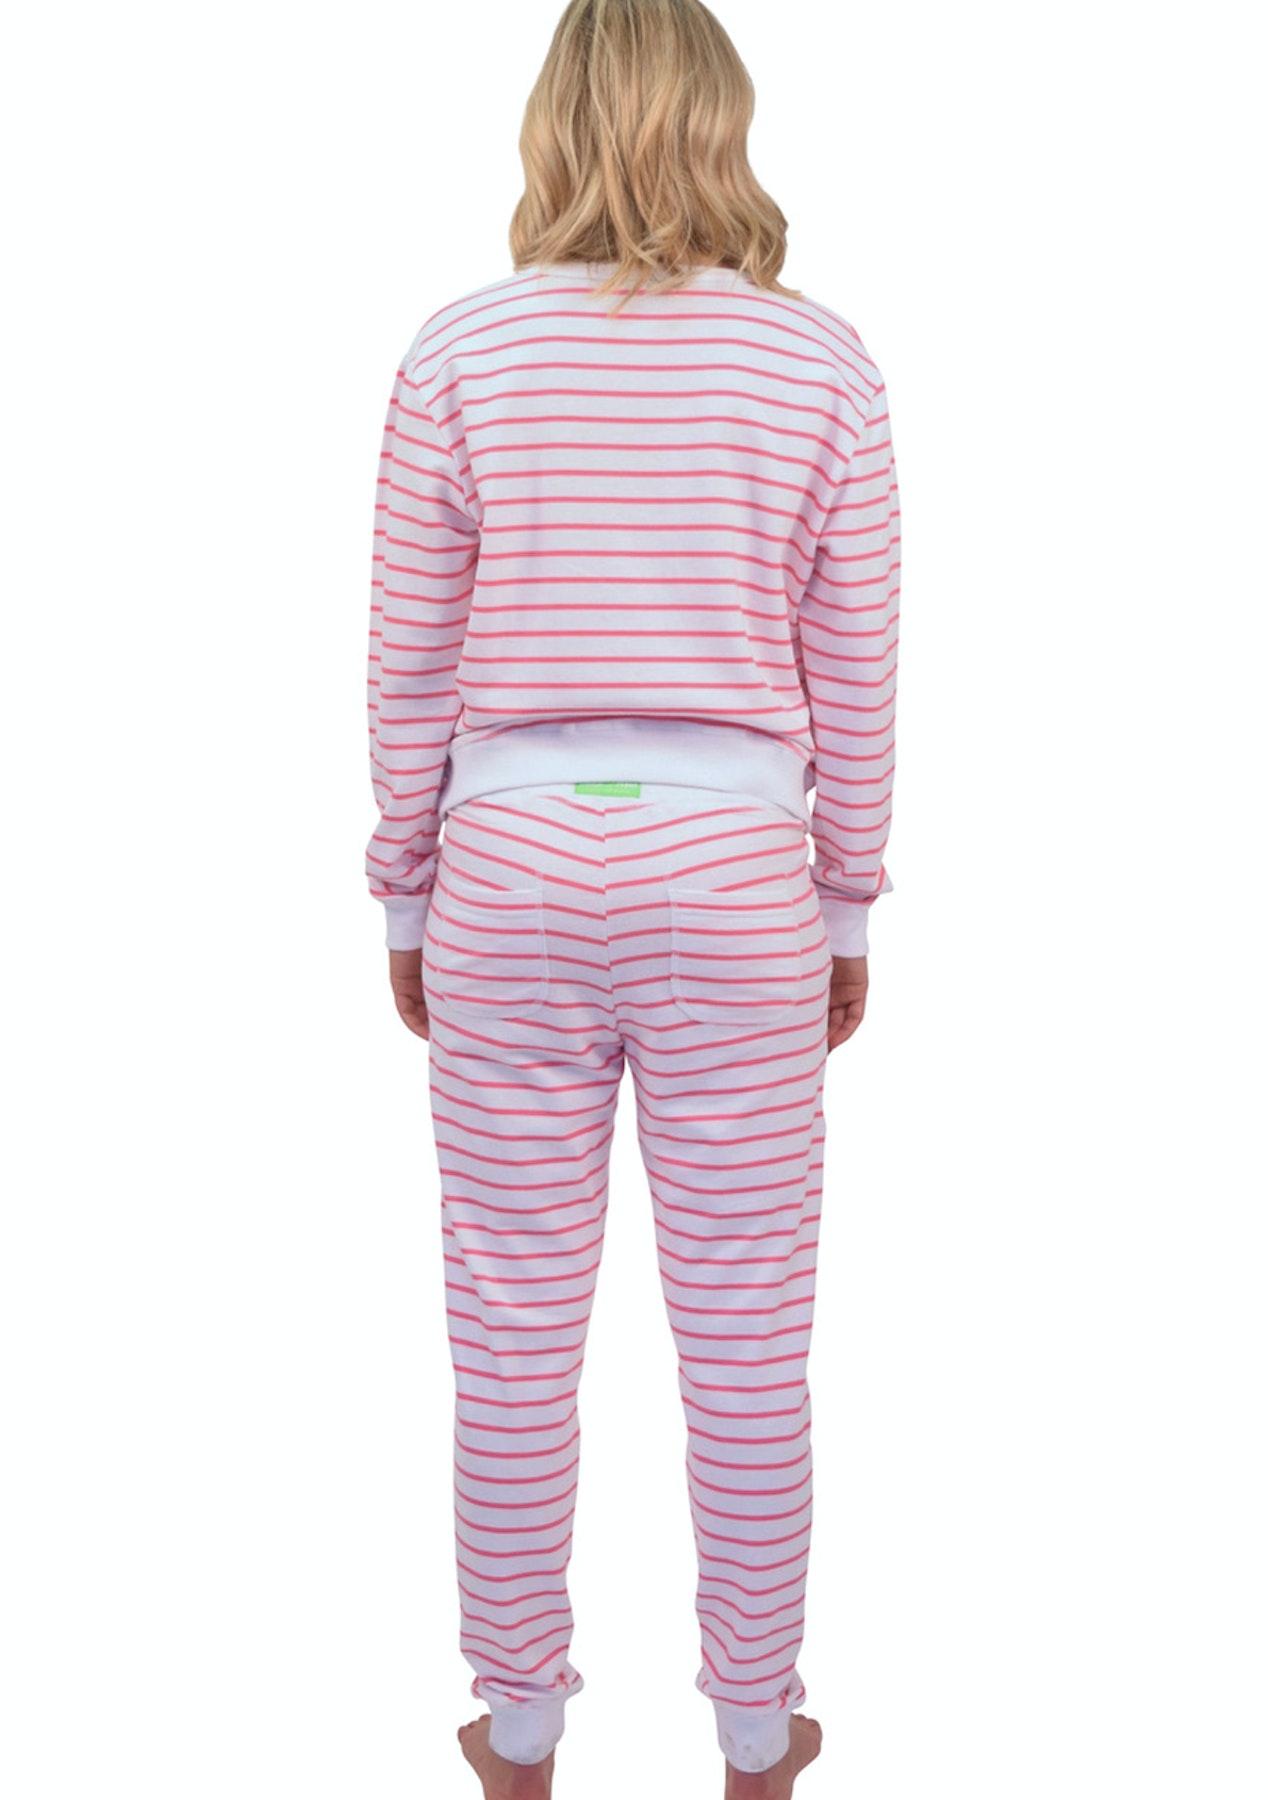 cf83aee67d10 Sant   Abel - Women - PJ Pants Cotton - Pink Zebra - Luxe Silk   Sleepwear  - Onceit